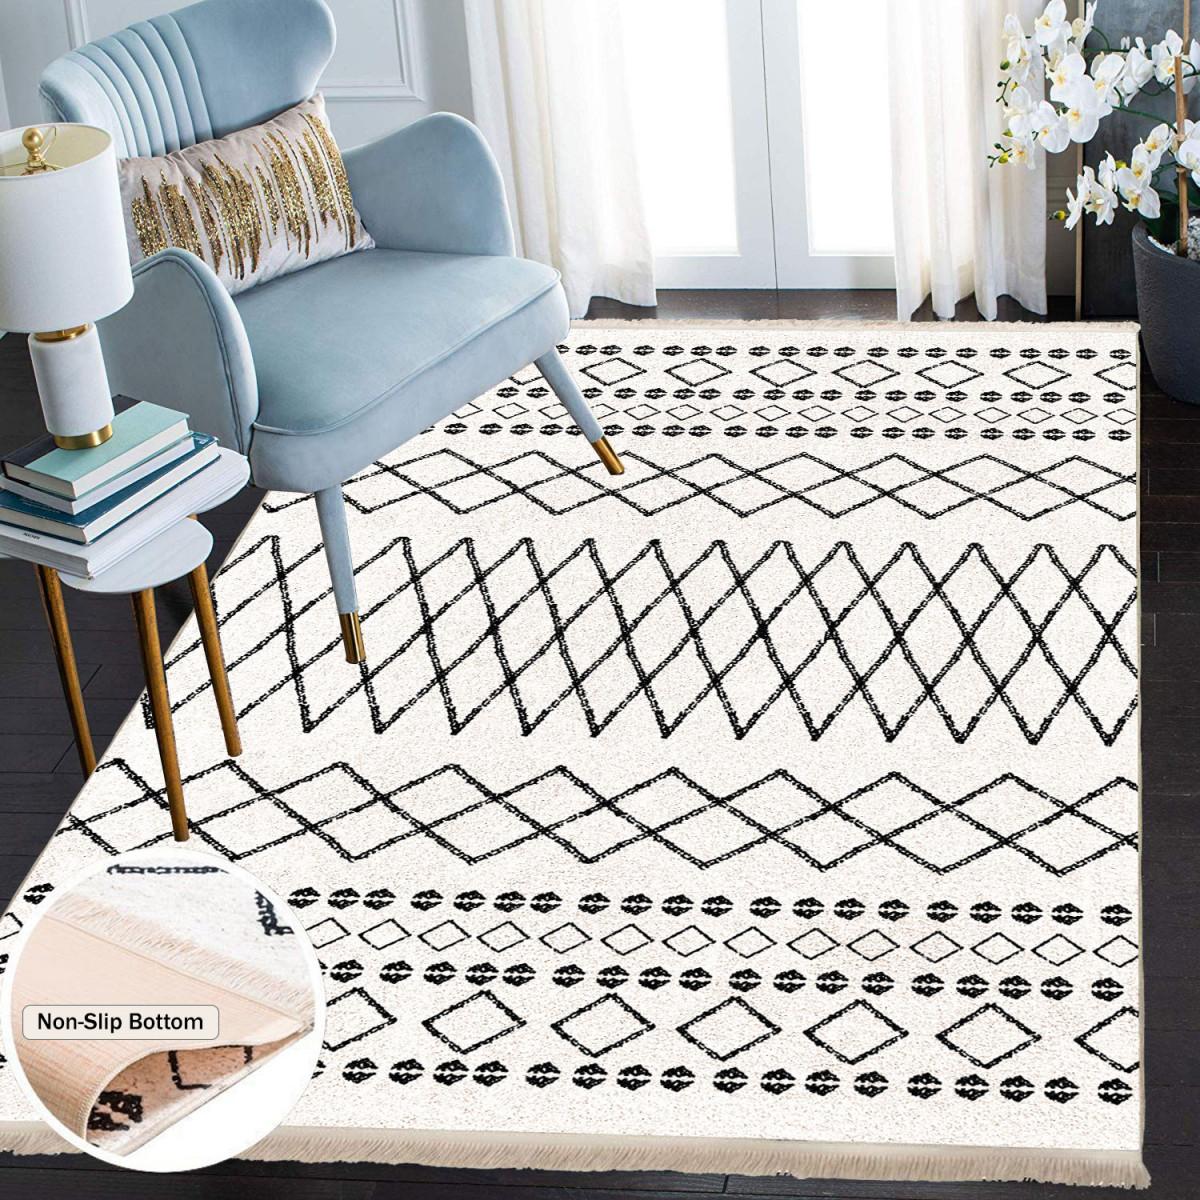 Waschbarer Teppich Wohnzimmer Küche Läufer Flur Teppichläufer  Küchenteppich Teppich Waschbare von Teppich Wohnzimmer Weiß Bild